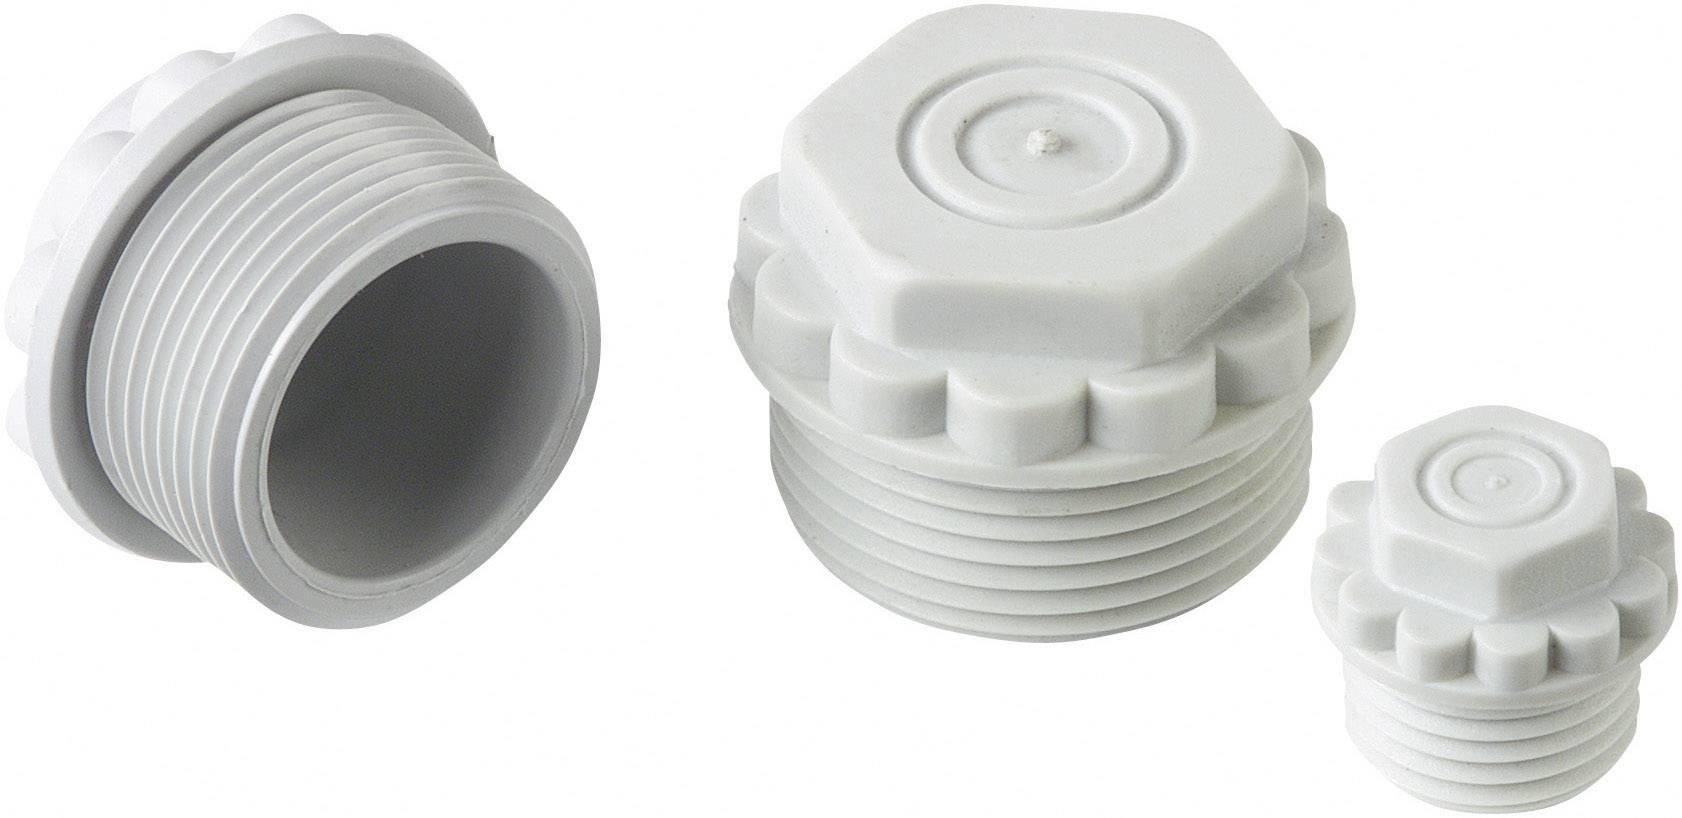 Záslepka LappKabel SKINDICHT® M16, s priepustnou membránou, polystyrén, 1 ks